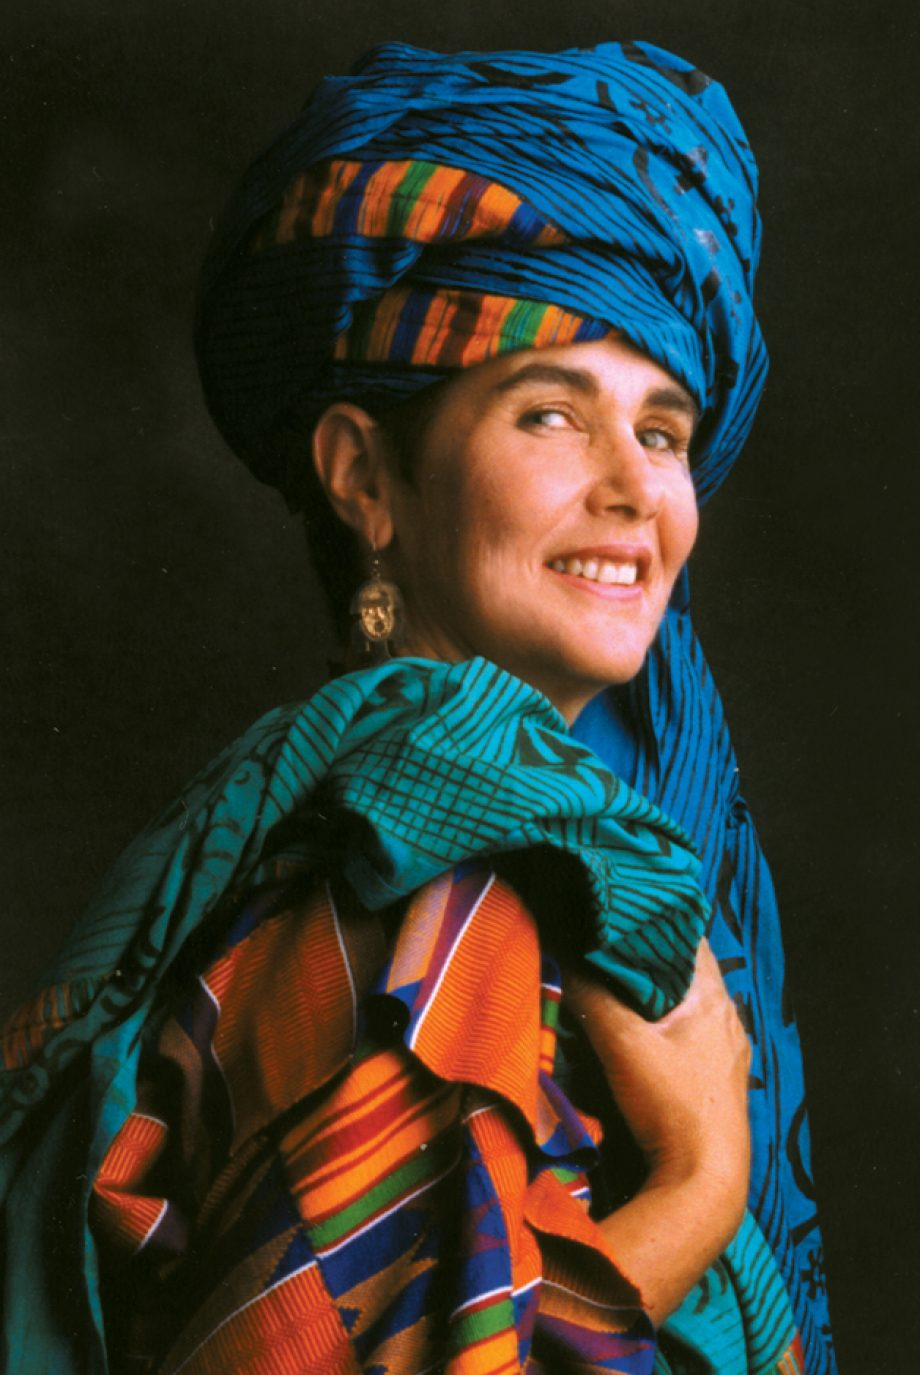 Sharon Katz